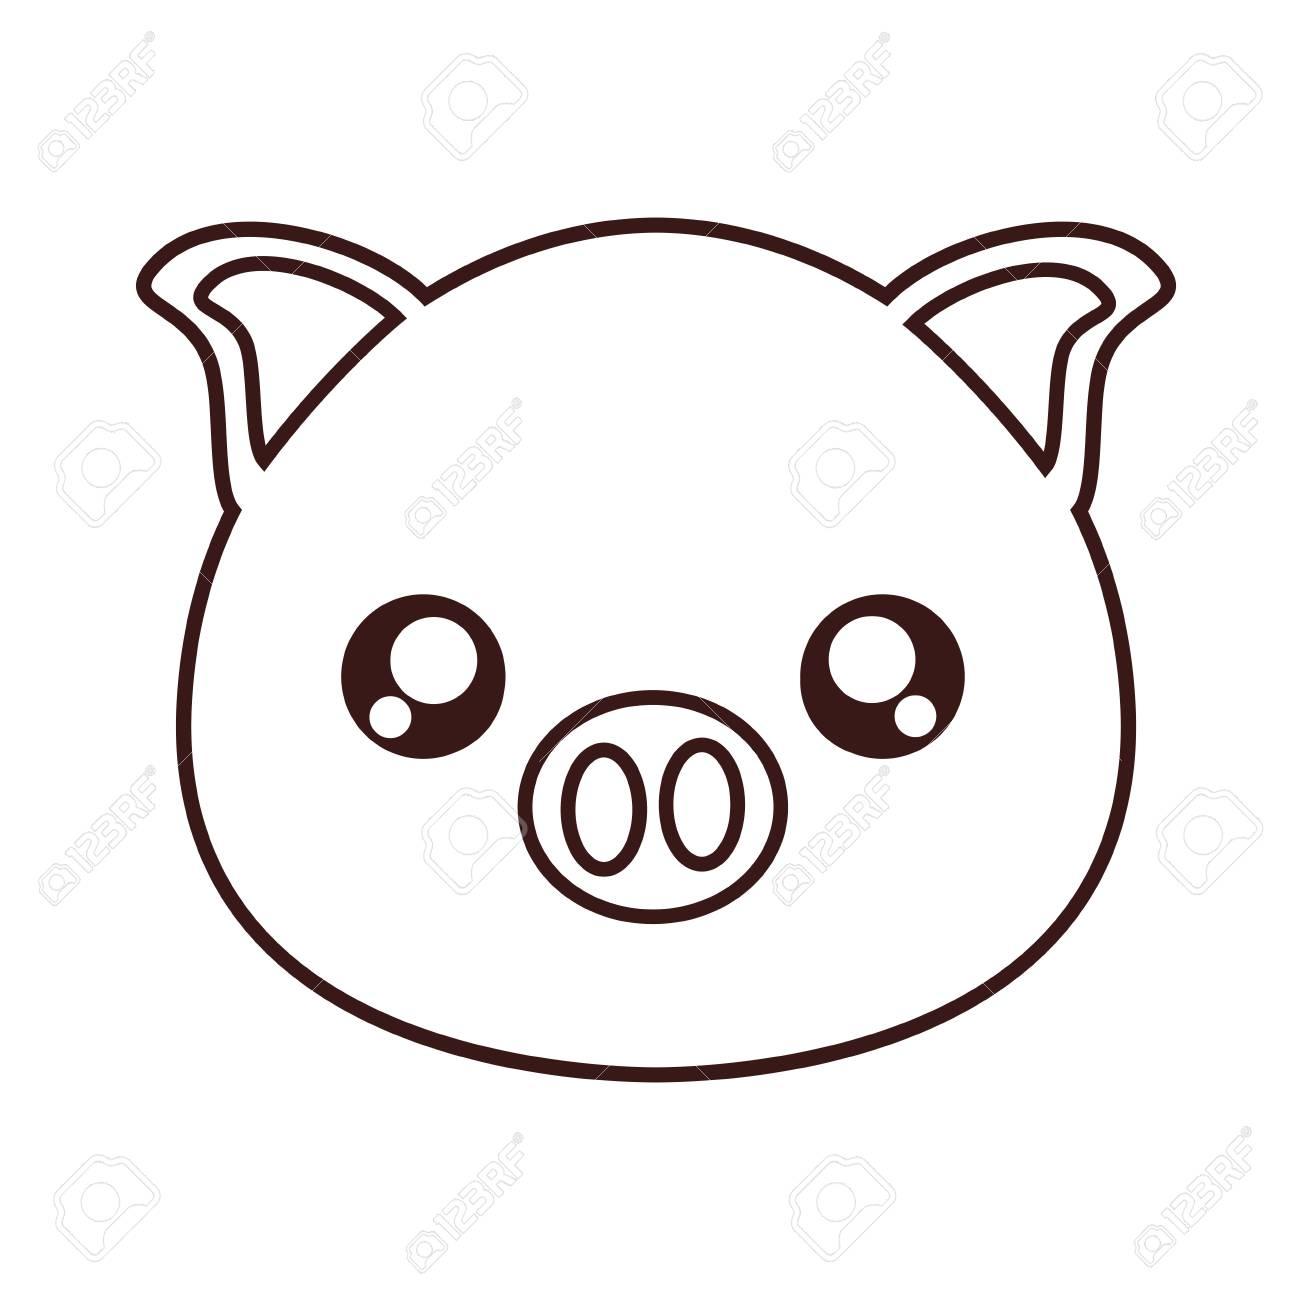 Lujoso Páginas Para Colorear De Cerdos Para Niños Regalo - Enmarcado ...